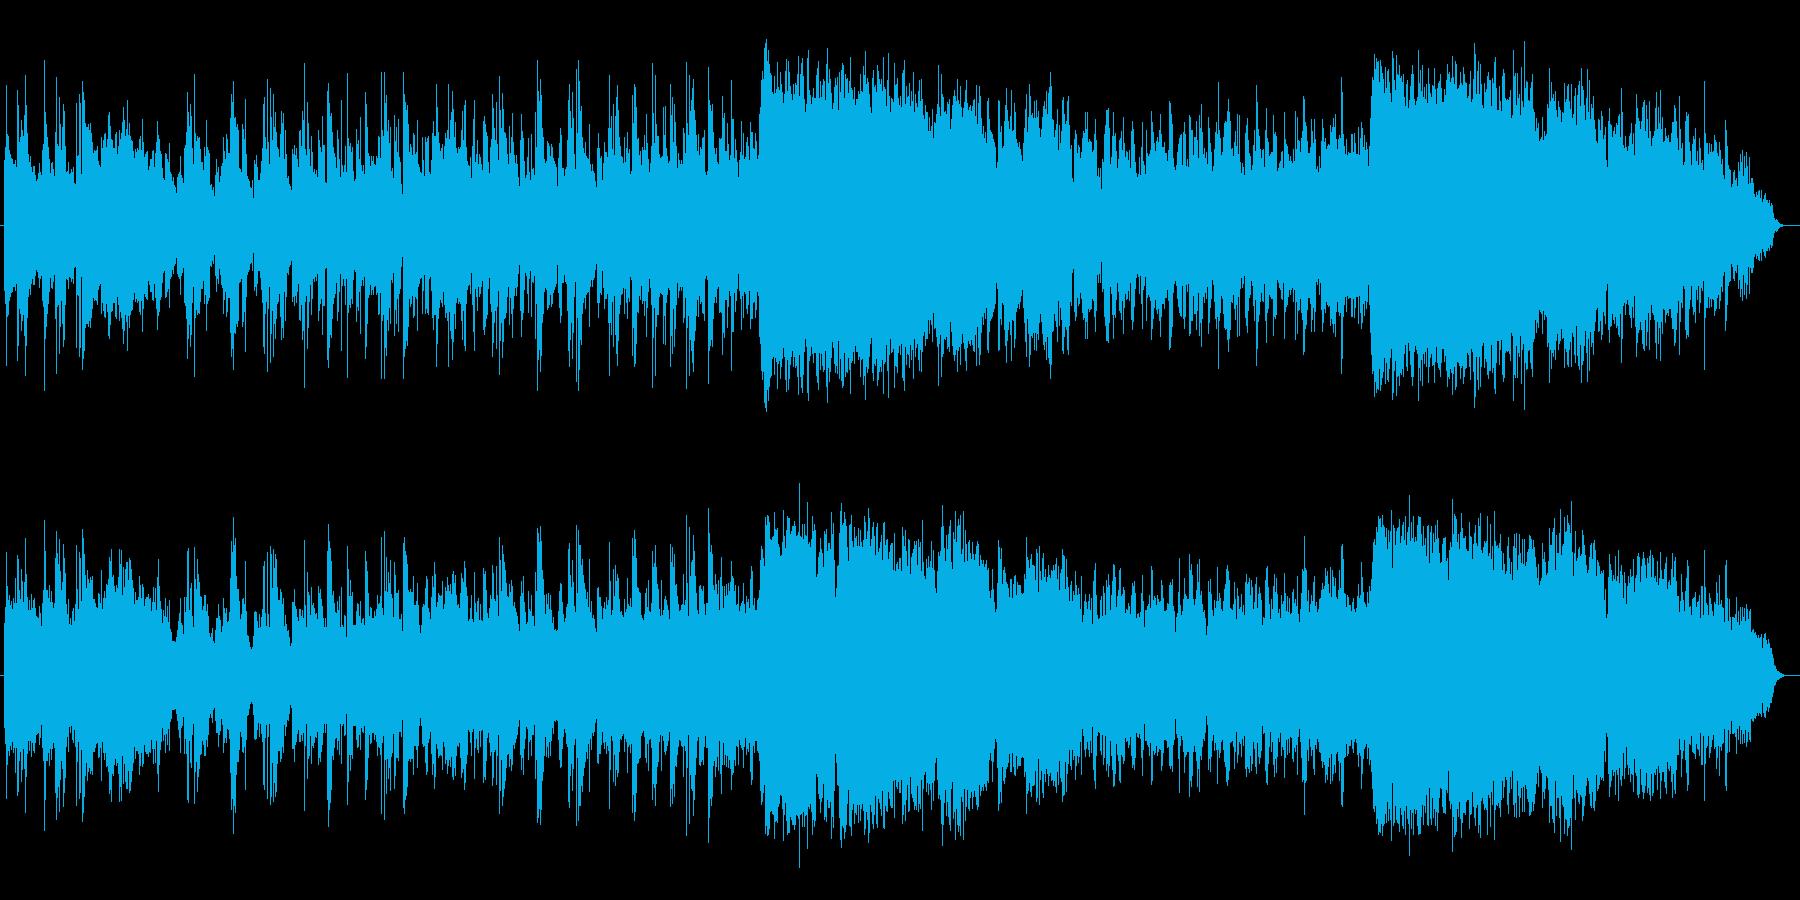 感動的なシンセ・ピアノ・管楽器などの再生済みの波形